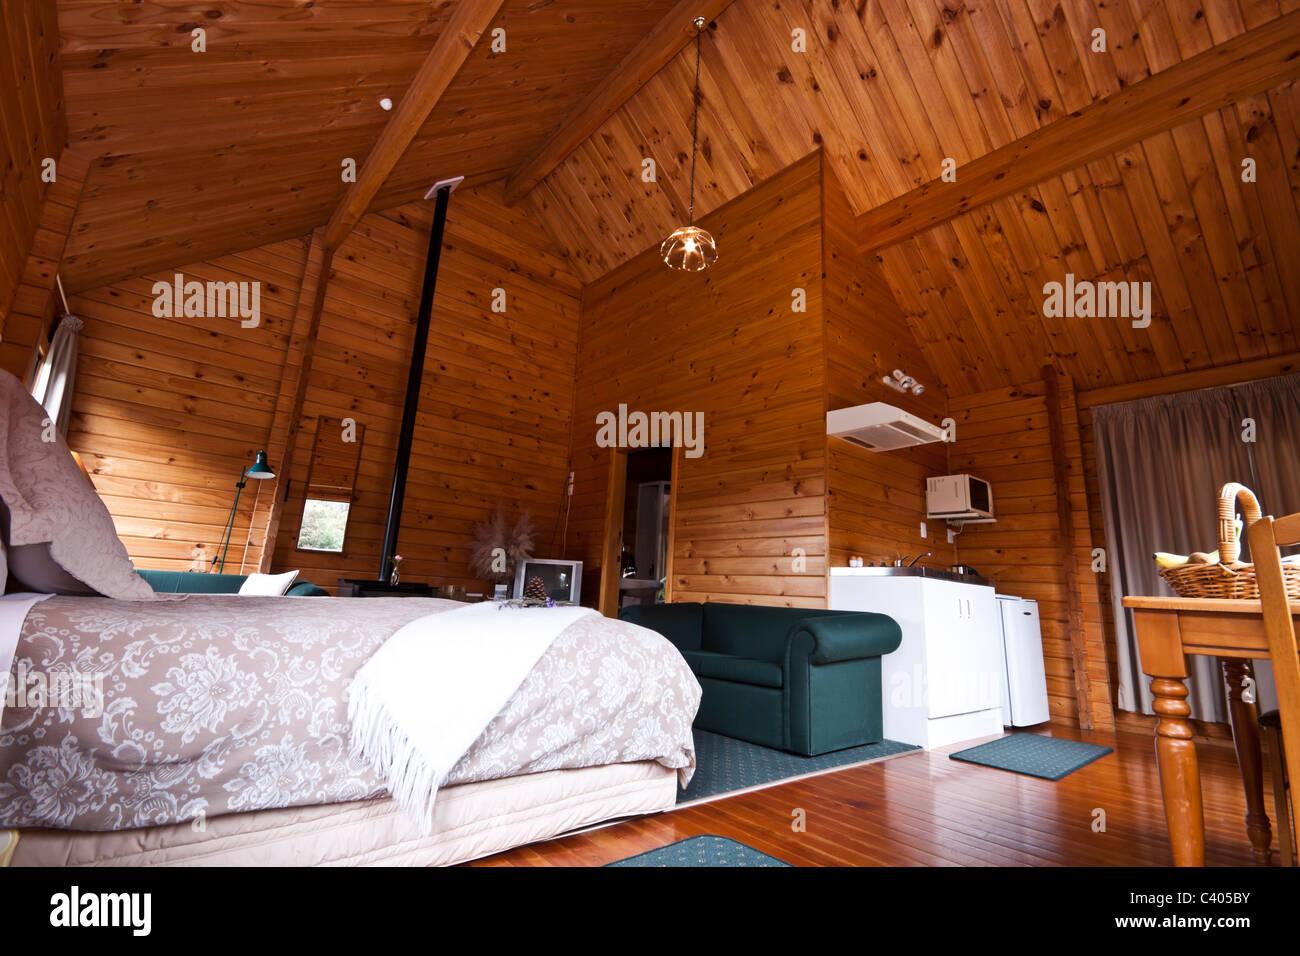 Wunderbar Schöne Einrichtung Sammlung Von Schöne Warme Mountain Lodge Wohnung. Fox Glacier